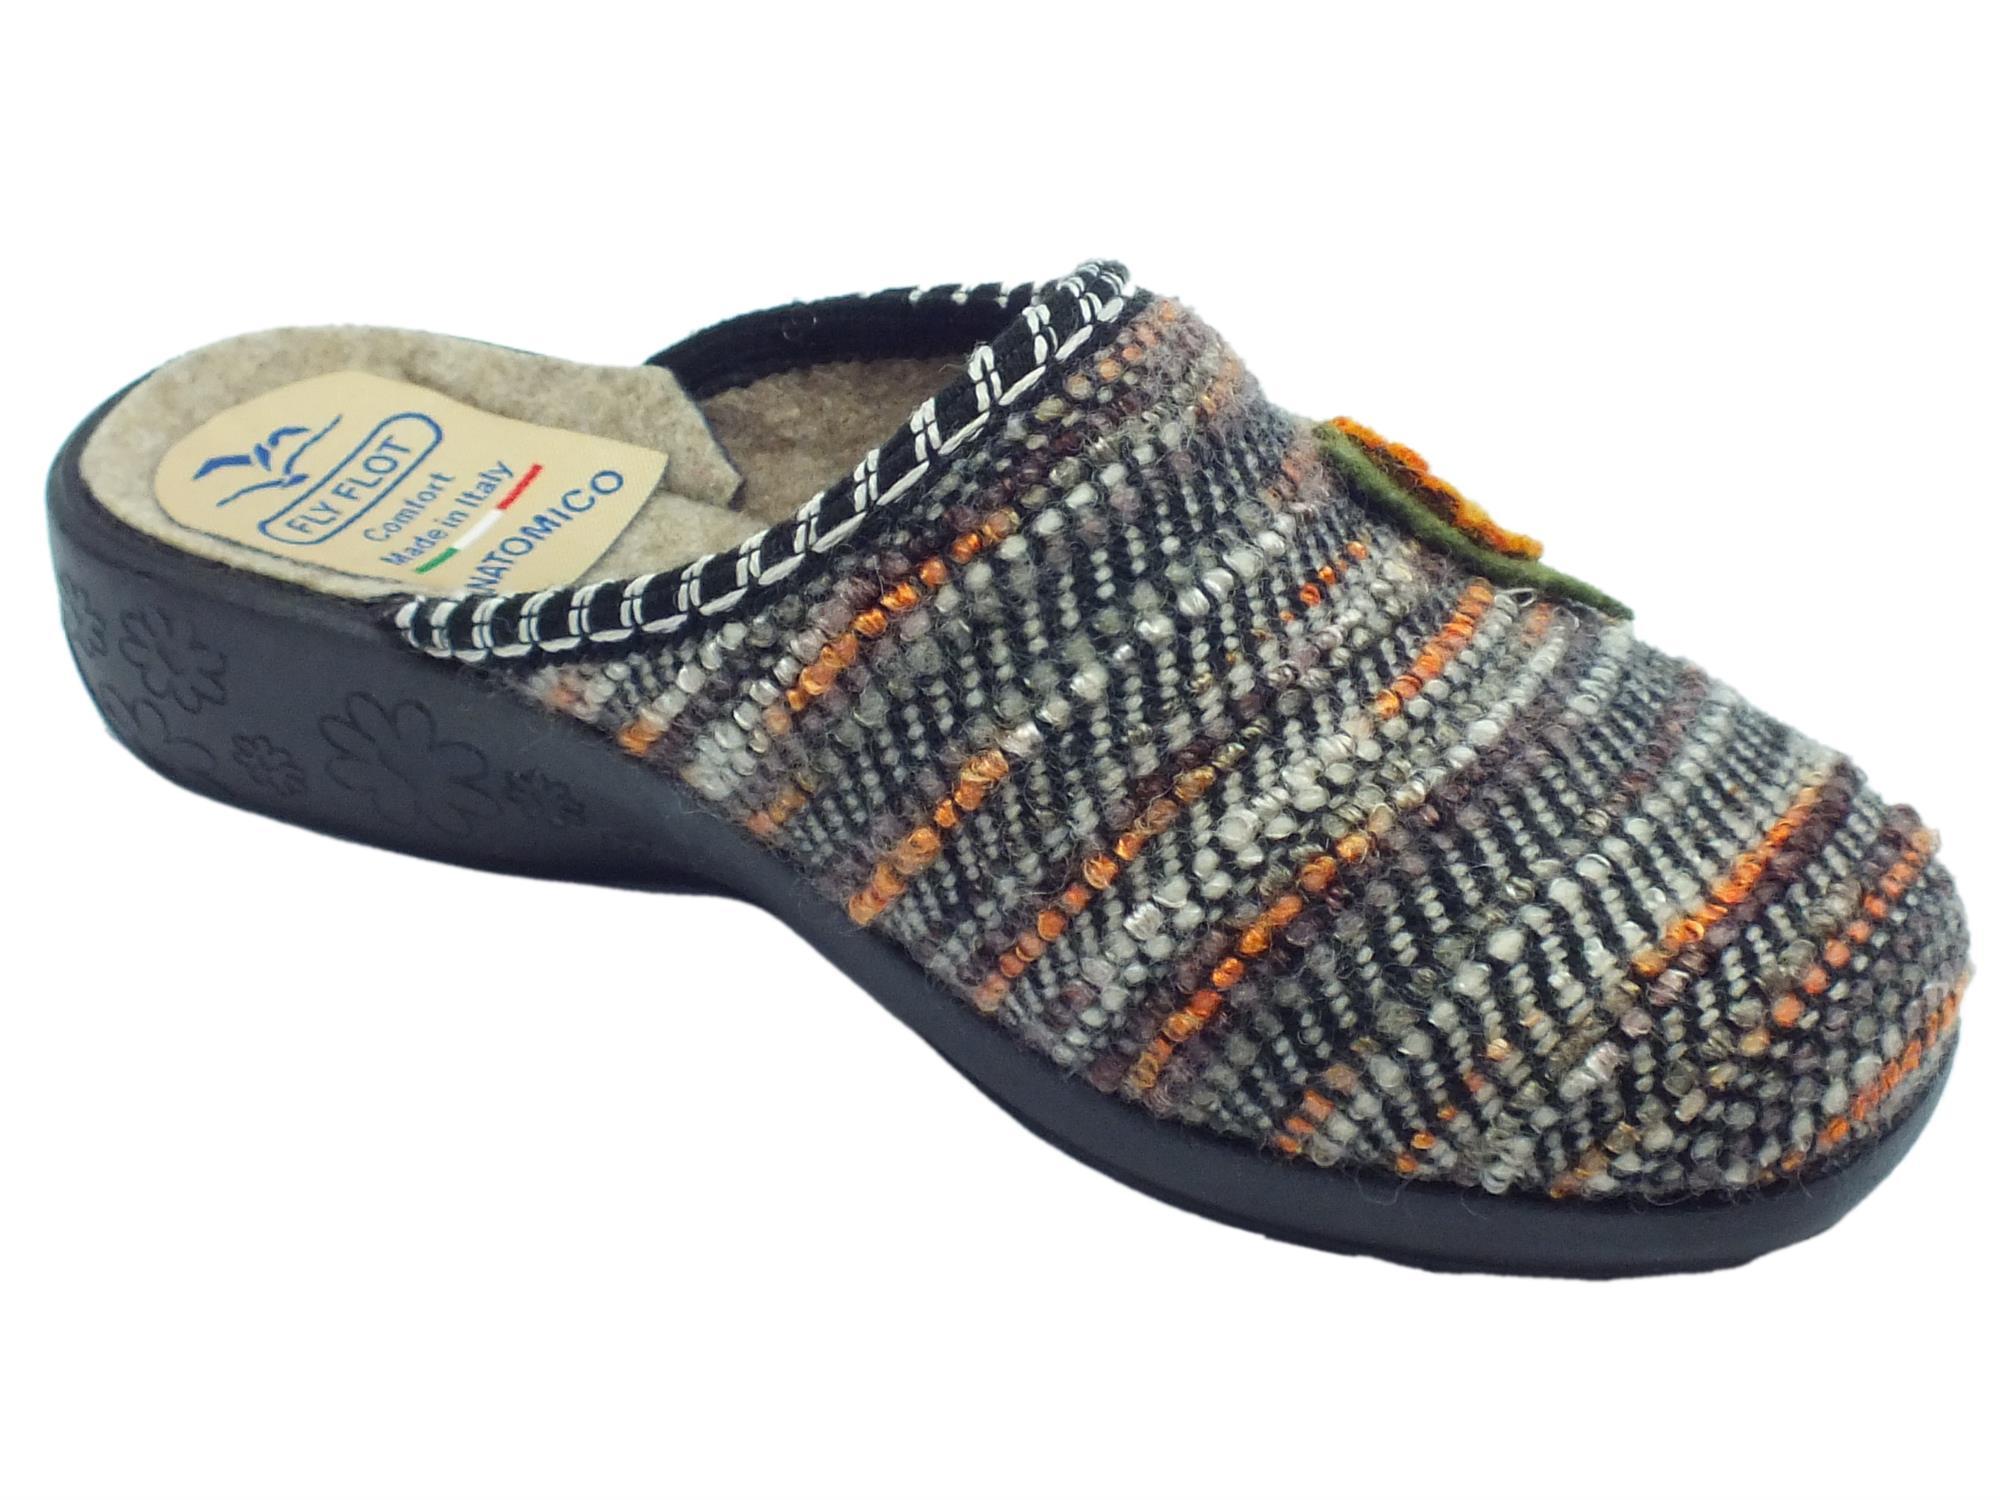 ... Pantofole Fly Flot per donna in tessuto cucito multicolore marrone con  fiore ... c5c97352c7d